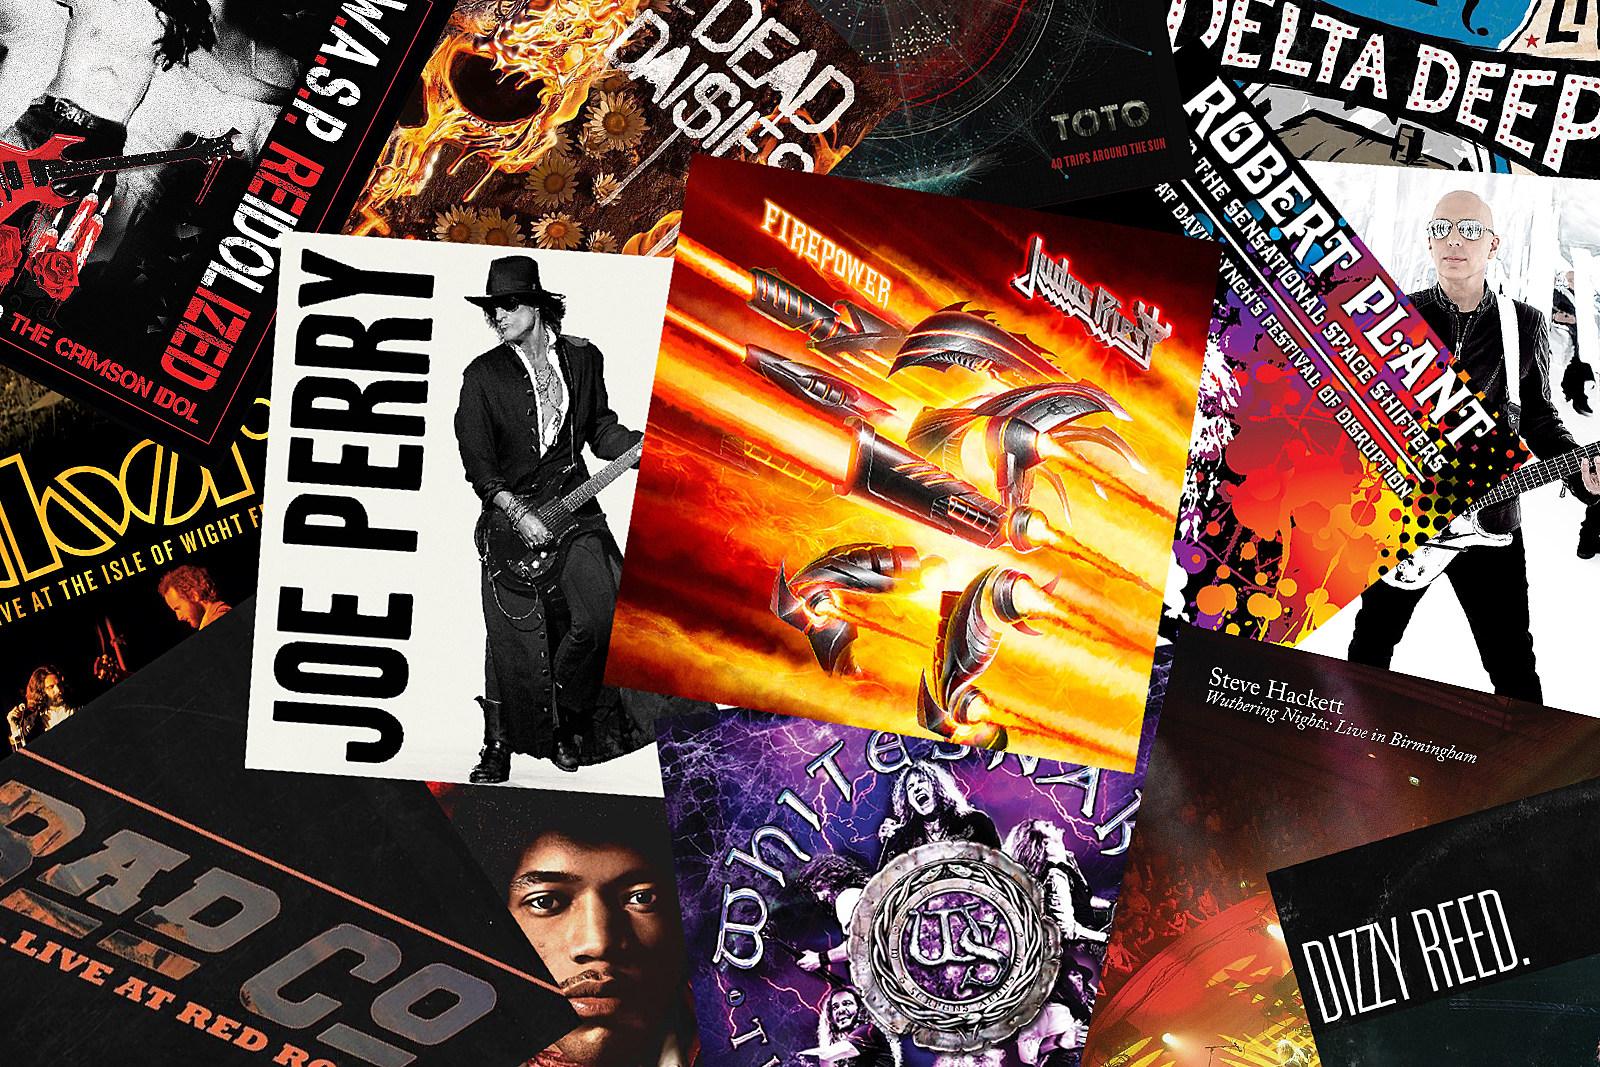 mr big discography torrent 320kbps